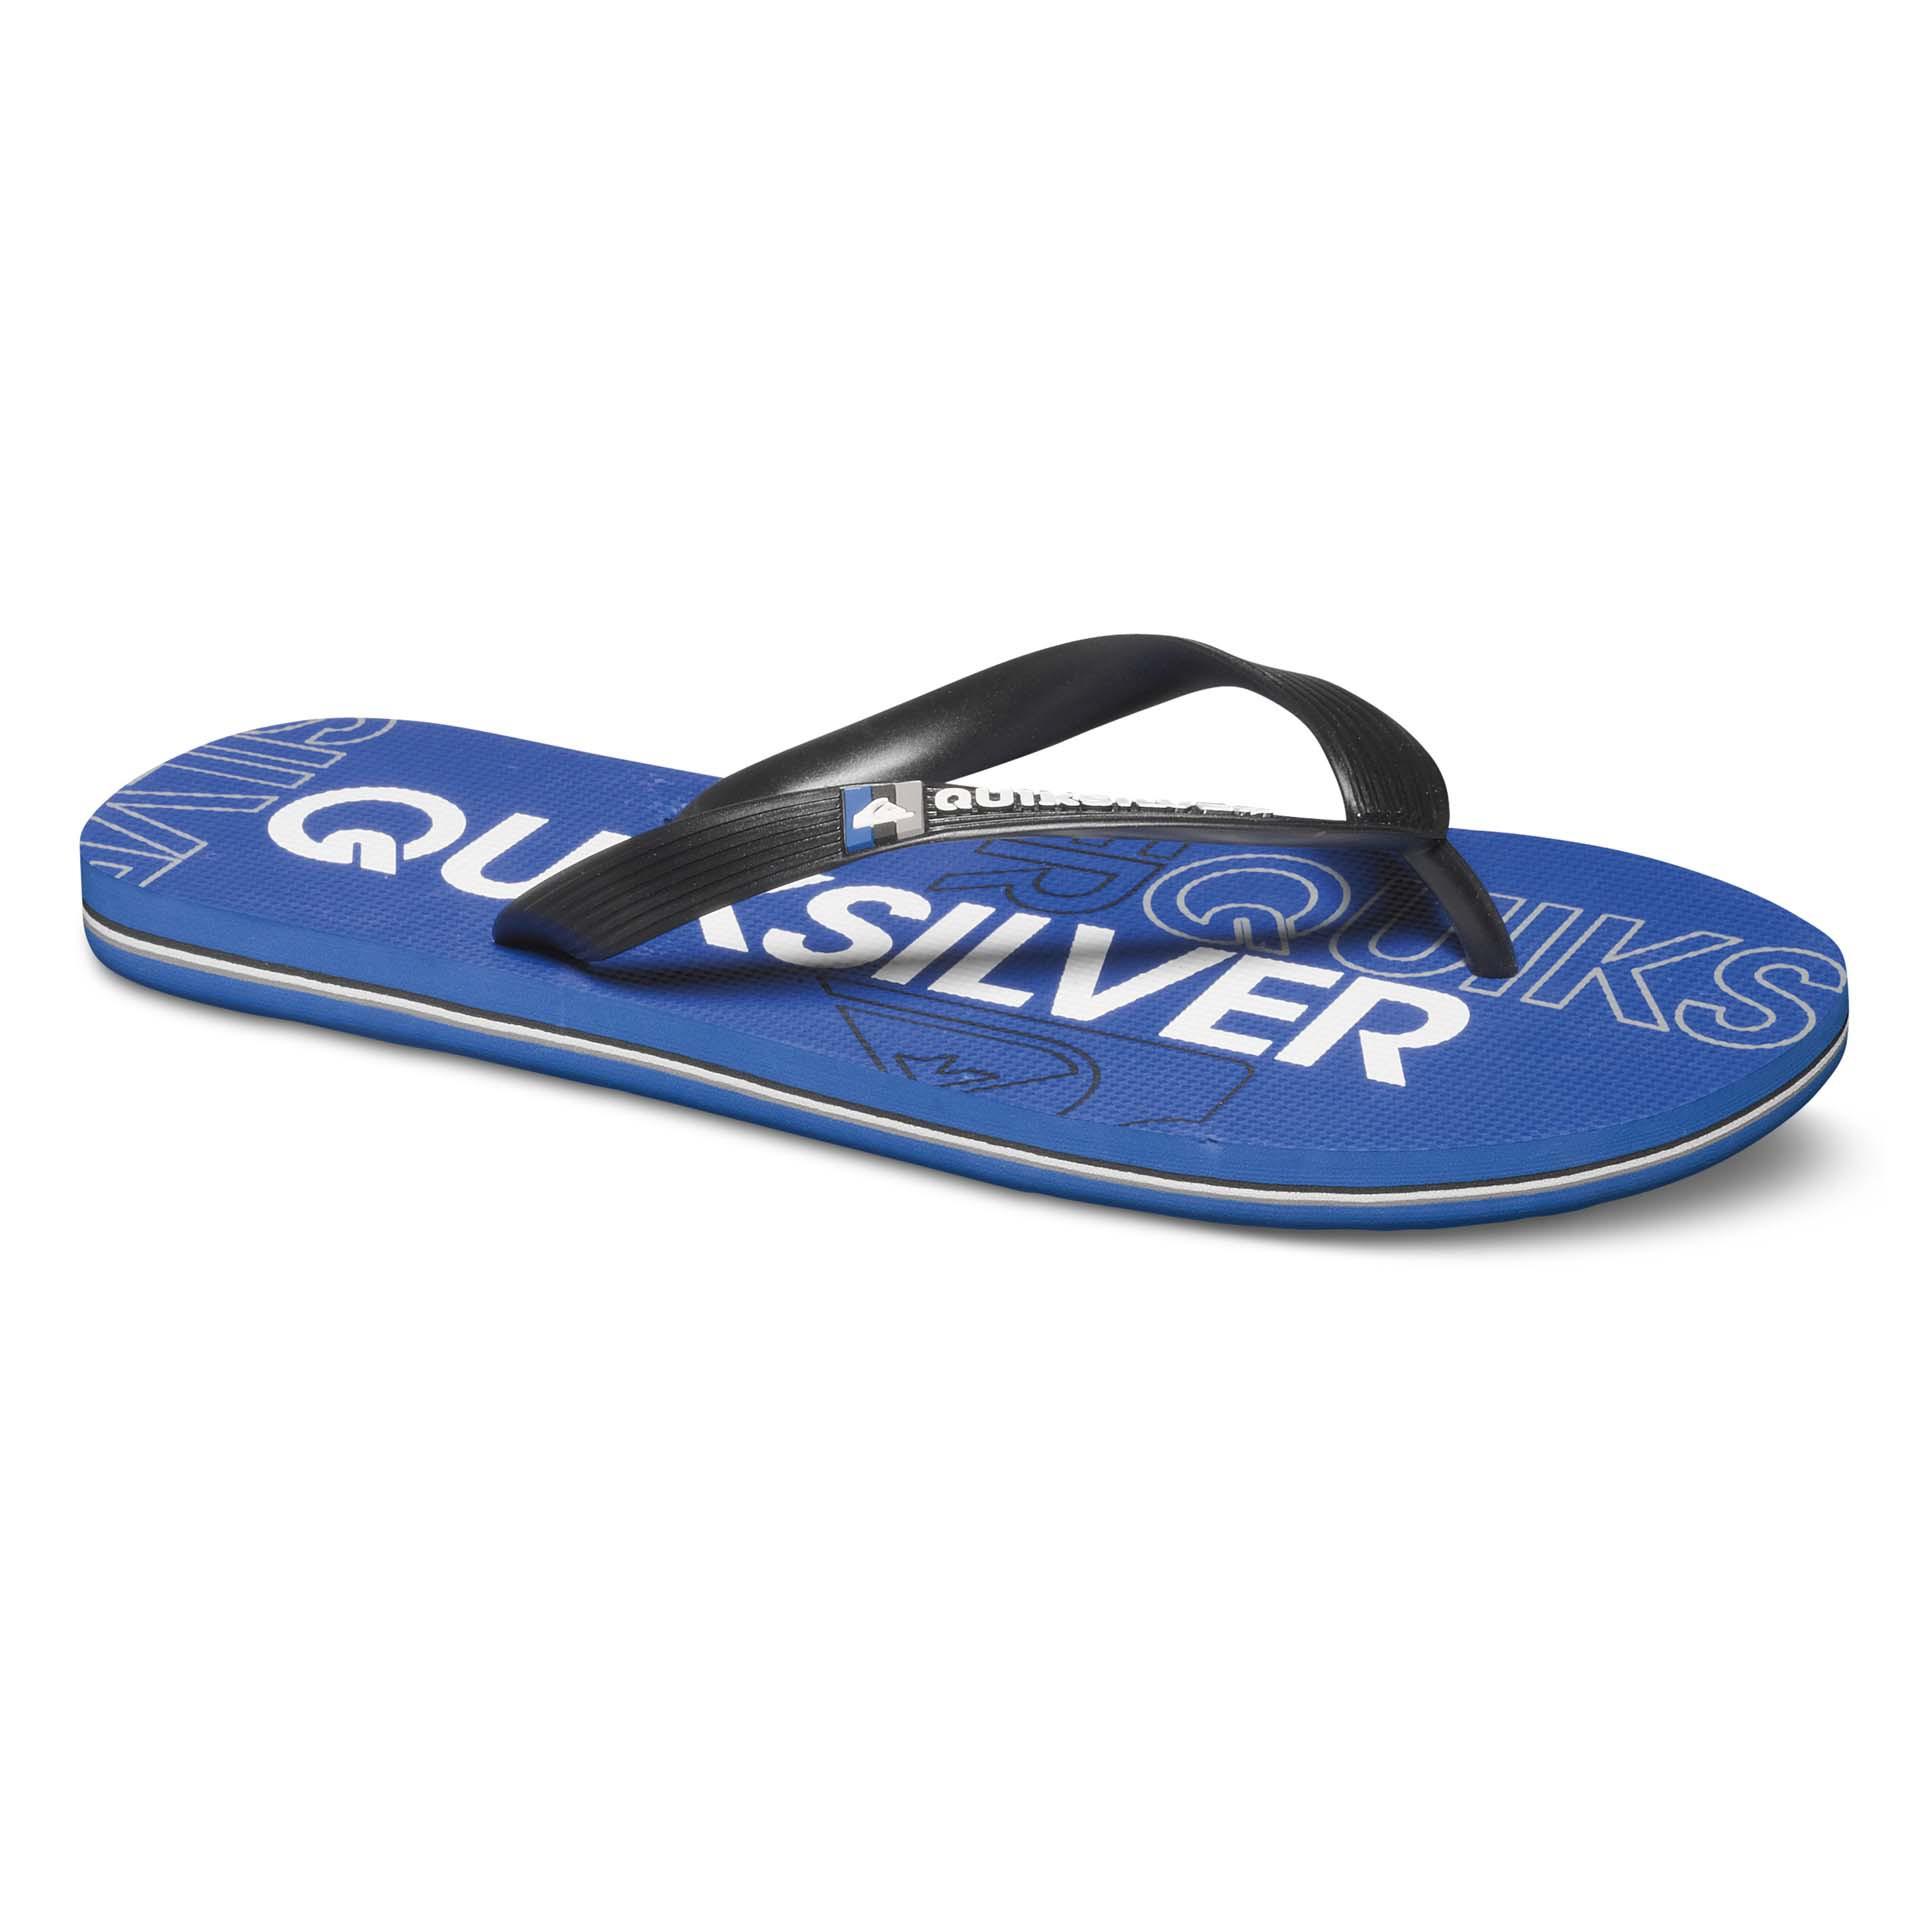 Flip-Flops Quiksilver Molokai Nitro